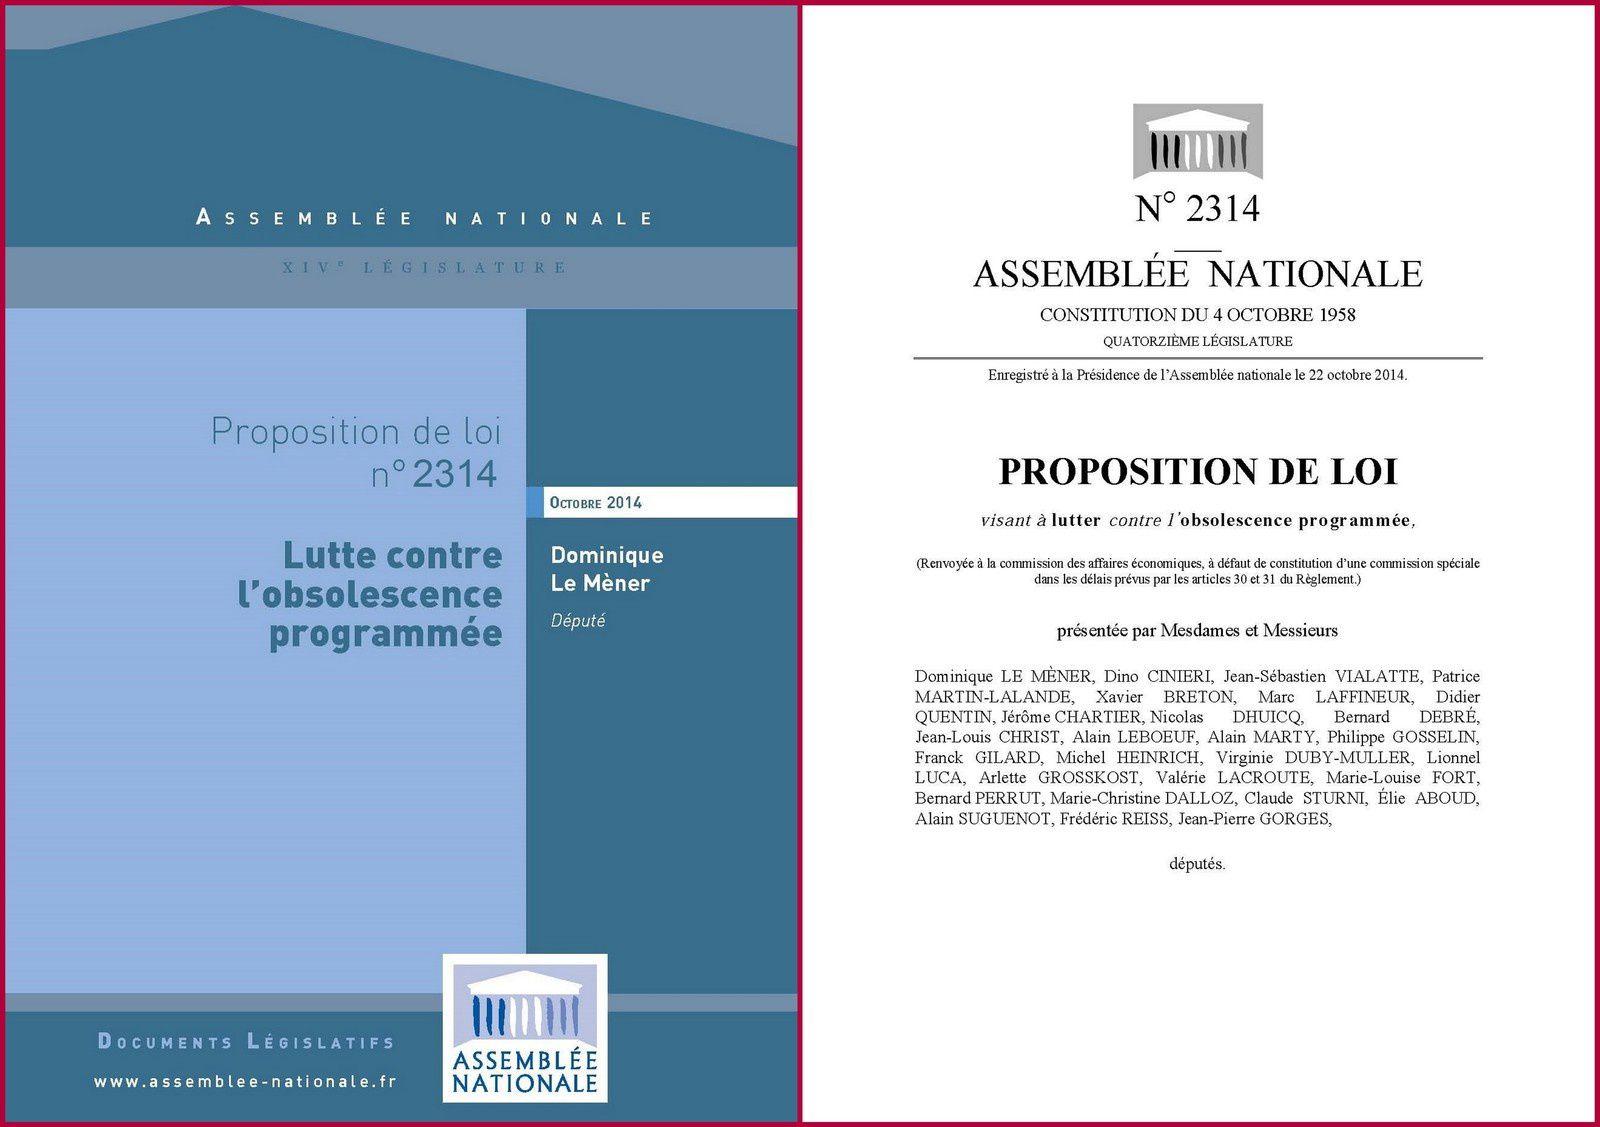 ASSEMBLEE NATIONALE : Je viens de déposer une proposition de loi visant à lutter contre l'obsolescence programmée